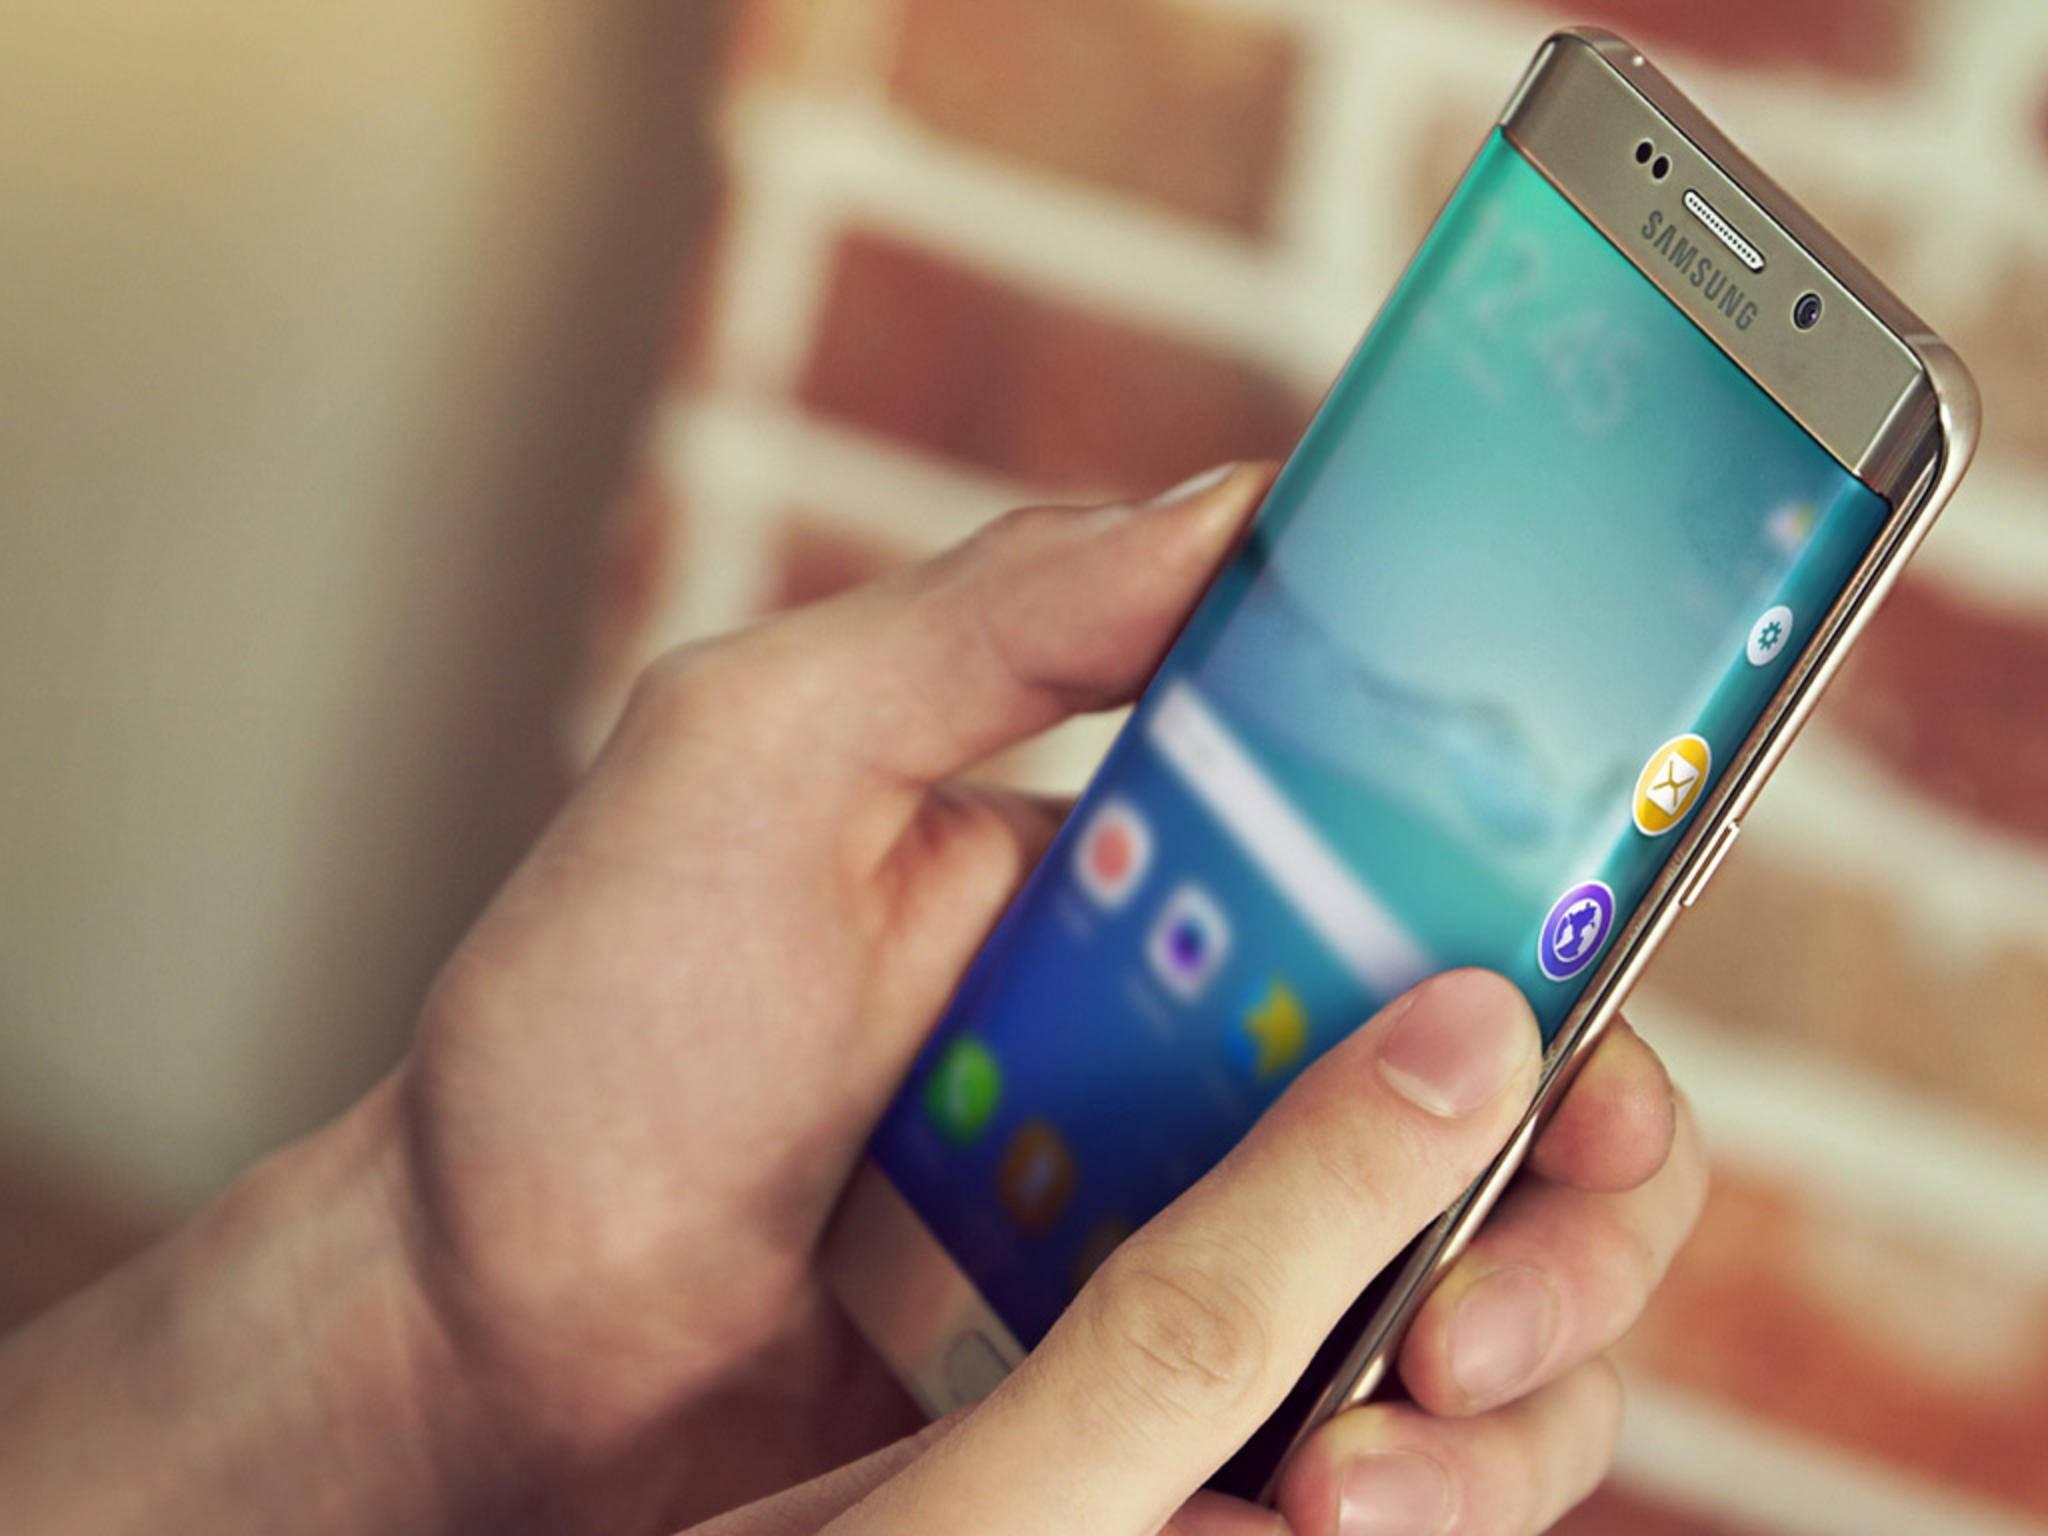 Ein iPhone mit abgerundetem Display könnte dem Galaxy S6 Edge+ Konkurrenz machen.